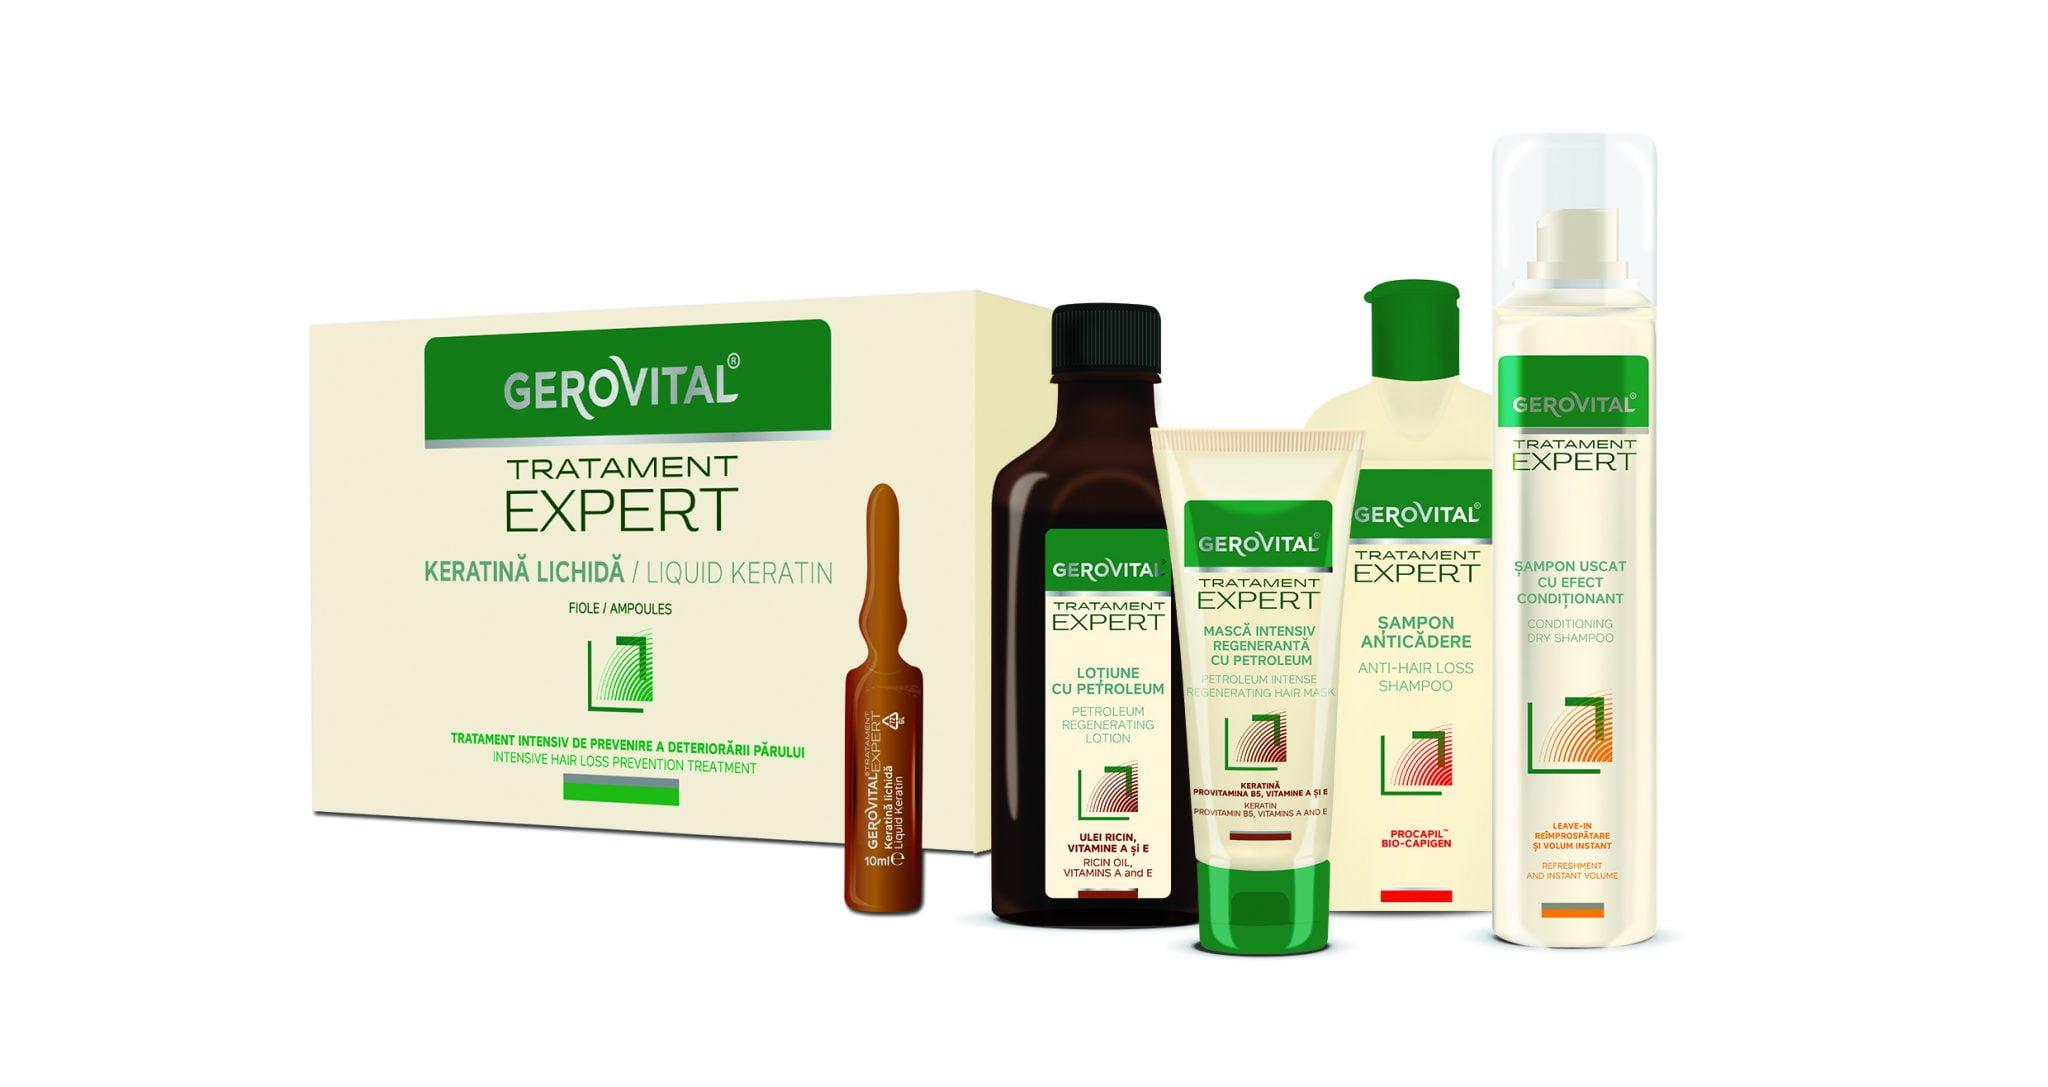 Farmec modernizează și extinde gama Gerovital Tratament Expert